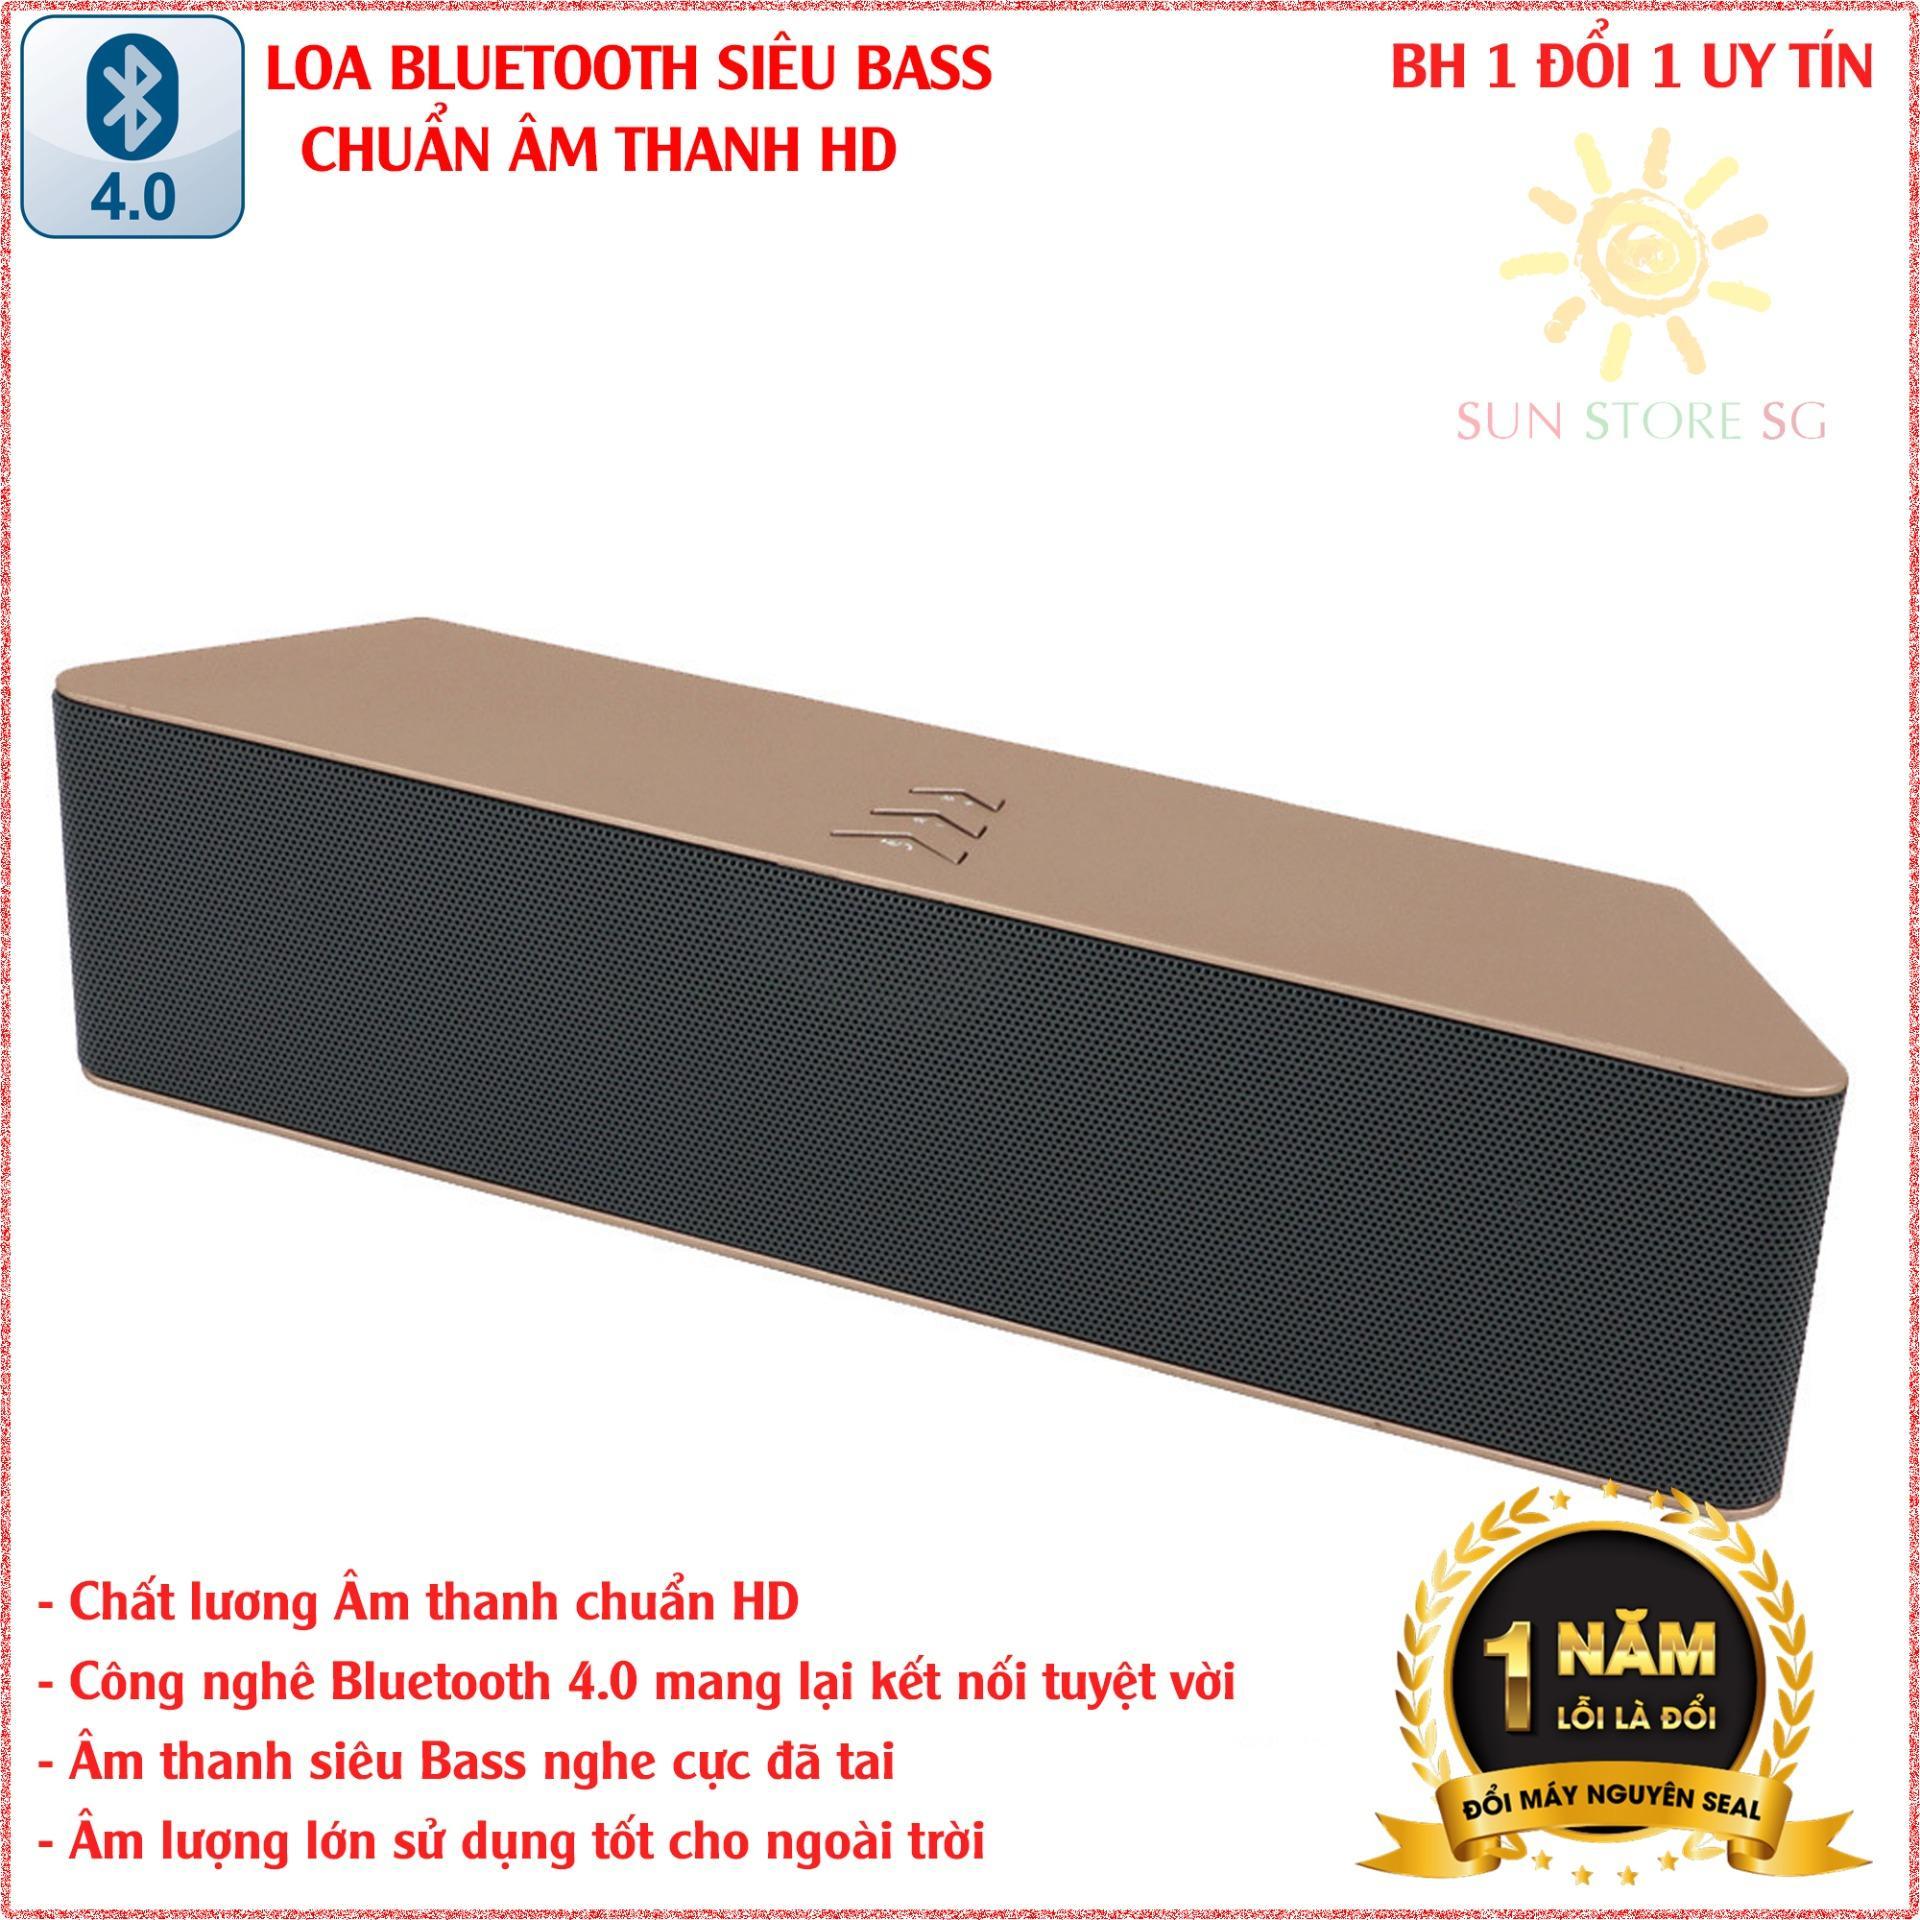 Hình ảnh Loa Bluetooth Siêu Trầm Công Suất Lớn - Nghe miễn chê với Âm thanh chuẩn HD - Hàng Nhập Khẩu Cao Cấp